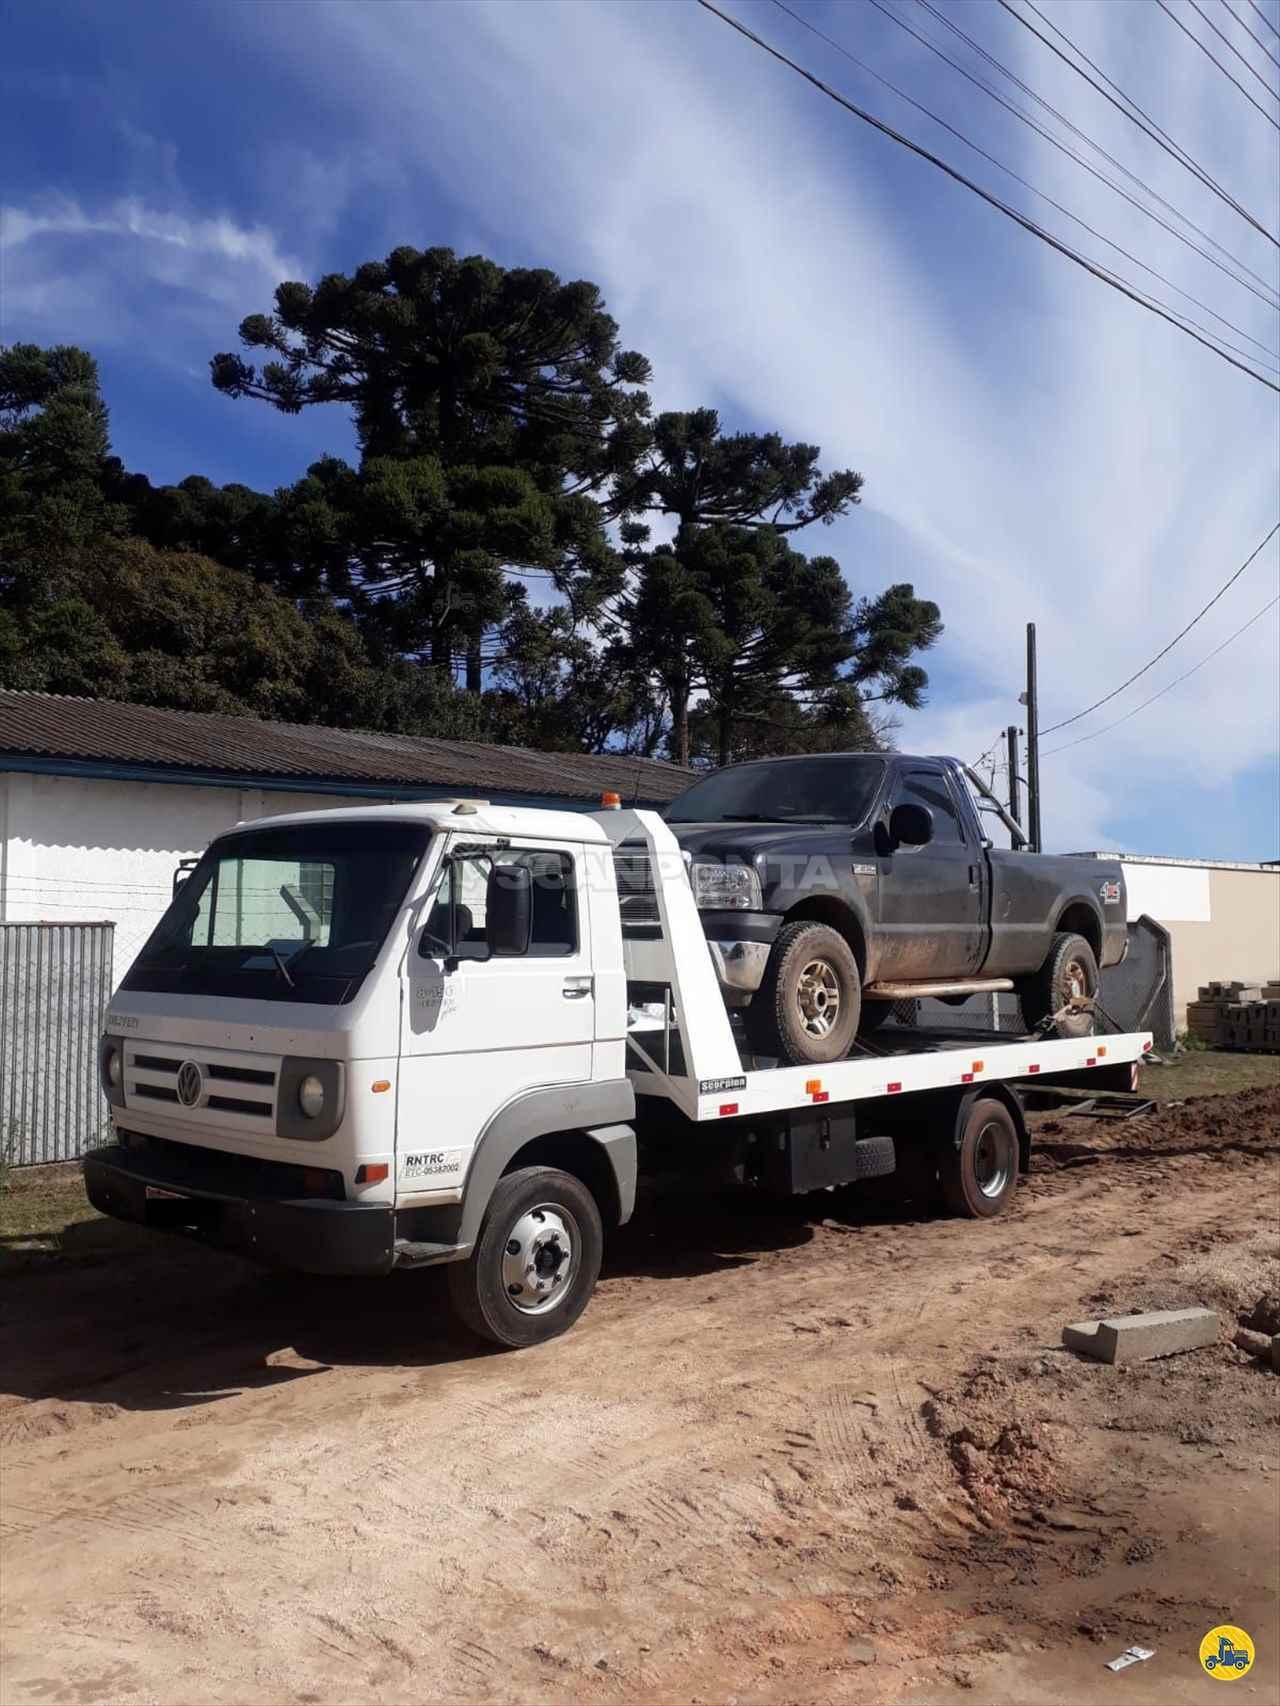 CAMINHAO VOLKSWAGEN VW 8150 Plataforma 3/4 4x2 Scanponta Caminhões Peças e Serviços PONTA GROSSA PARANÁ PR